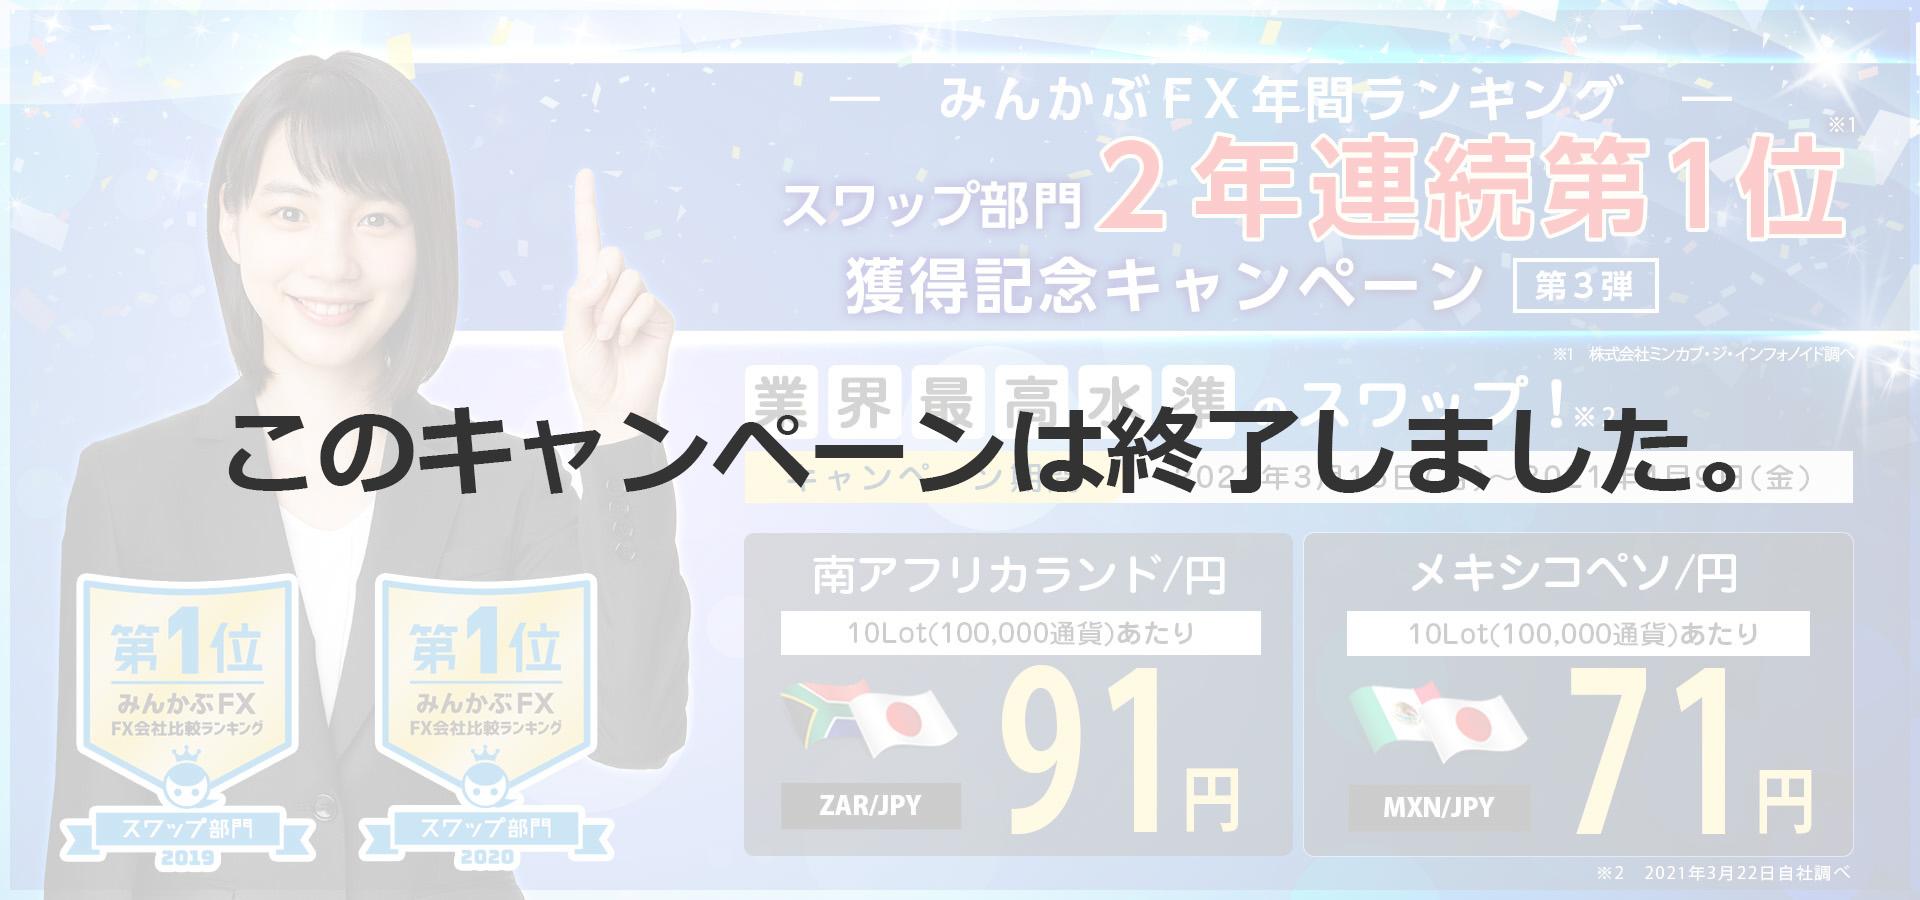 みんかぶFX年間ランキングスワップ部門2年連続第1位獲得記念キャンペーン第3弾